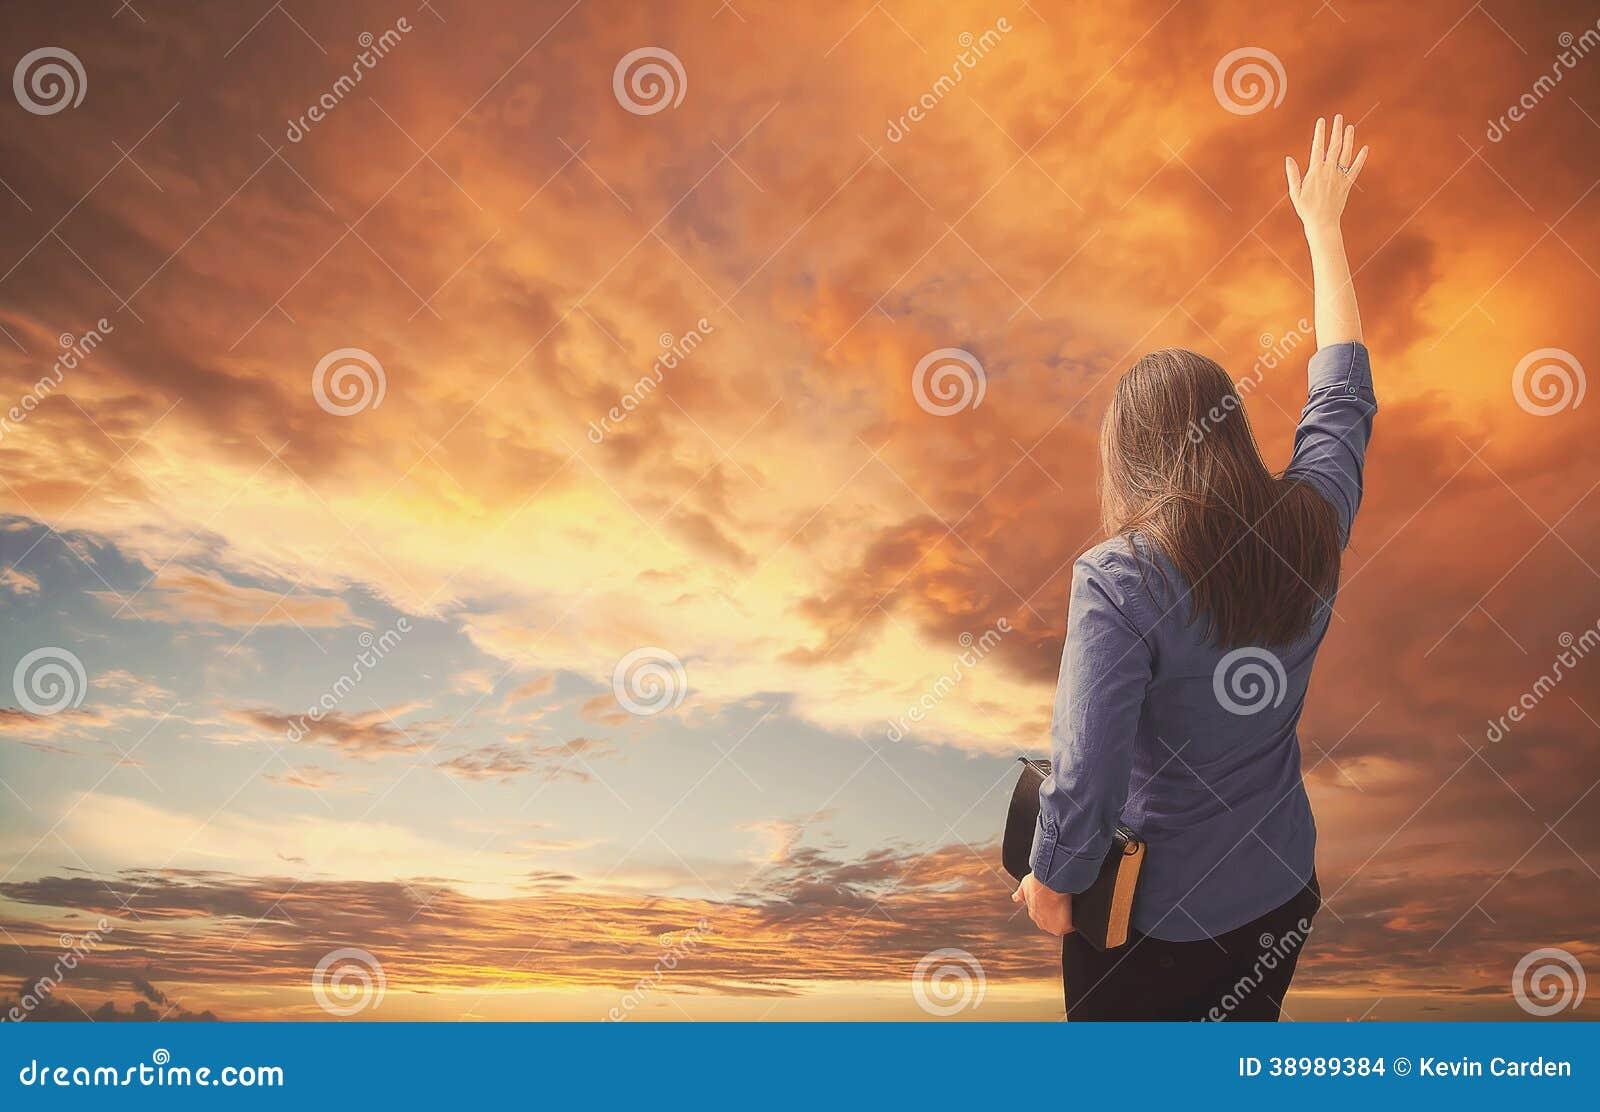 Хваления женщины во время захода солнца